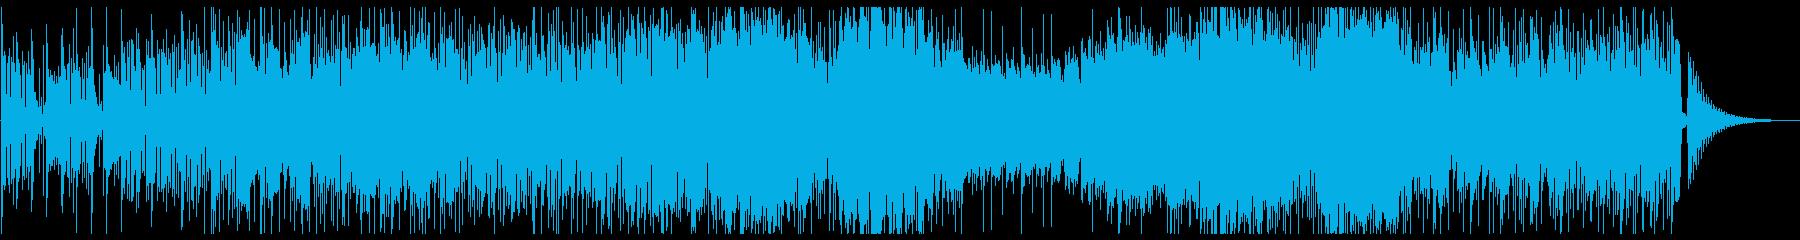 サックスとトランペットのクールなファンクの再生済みの波形